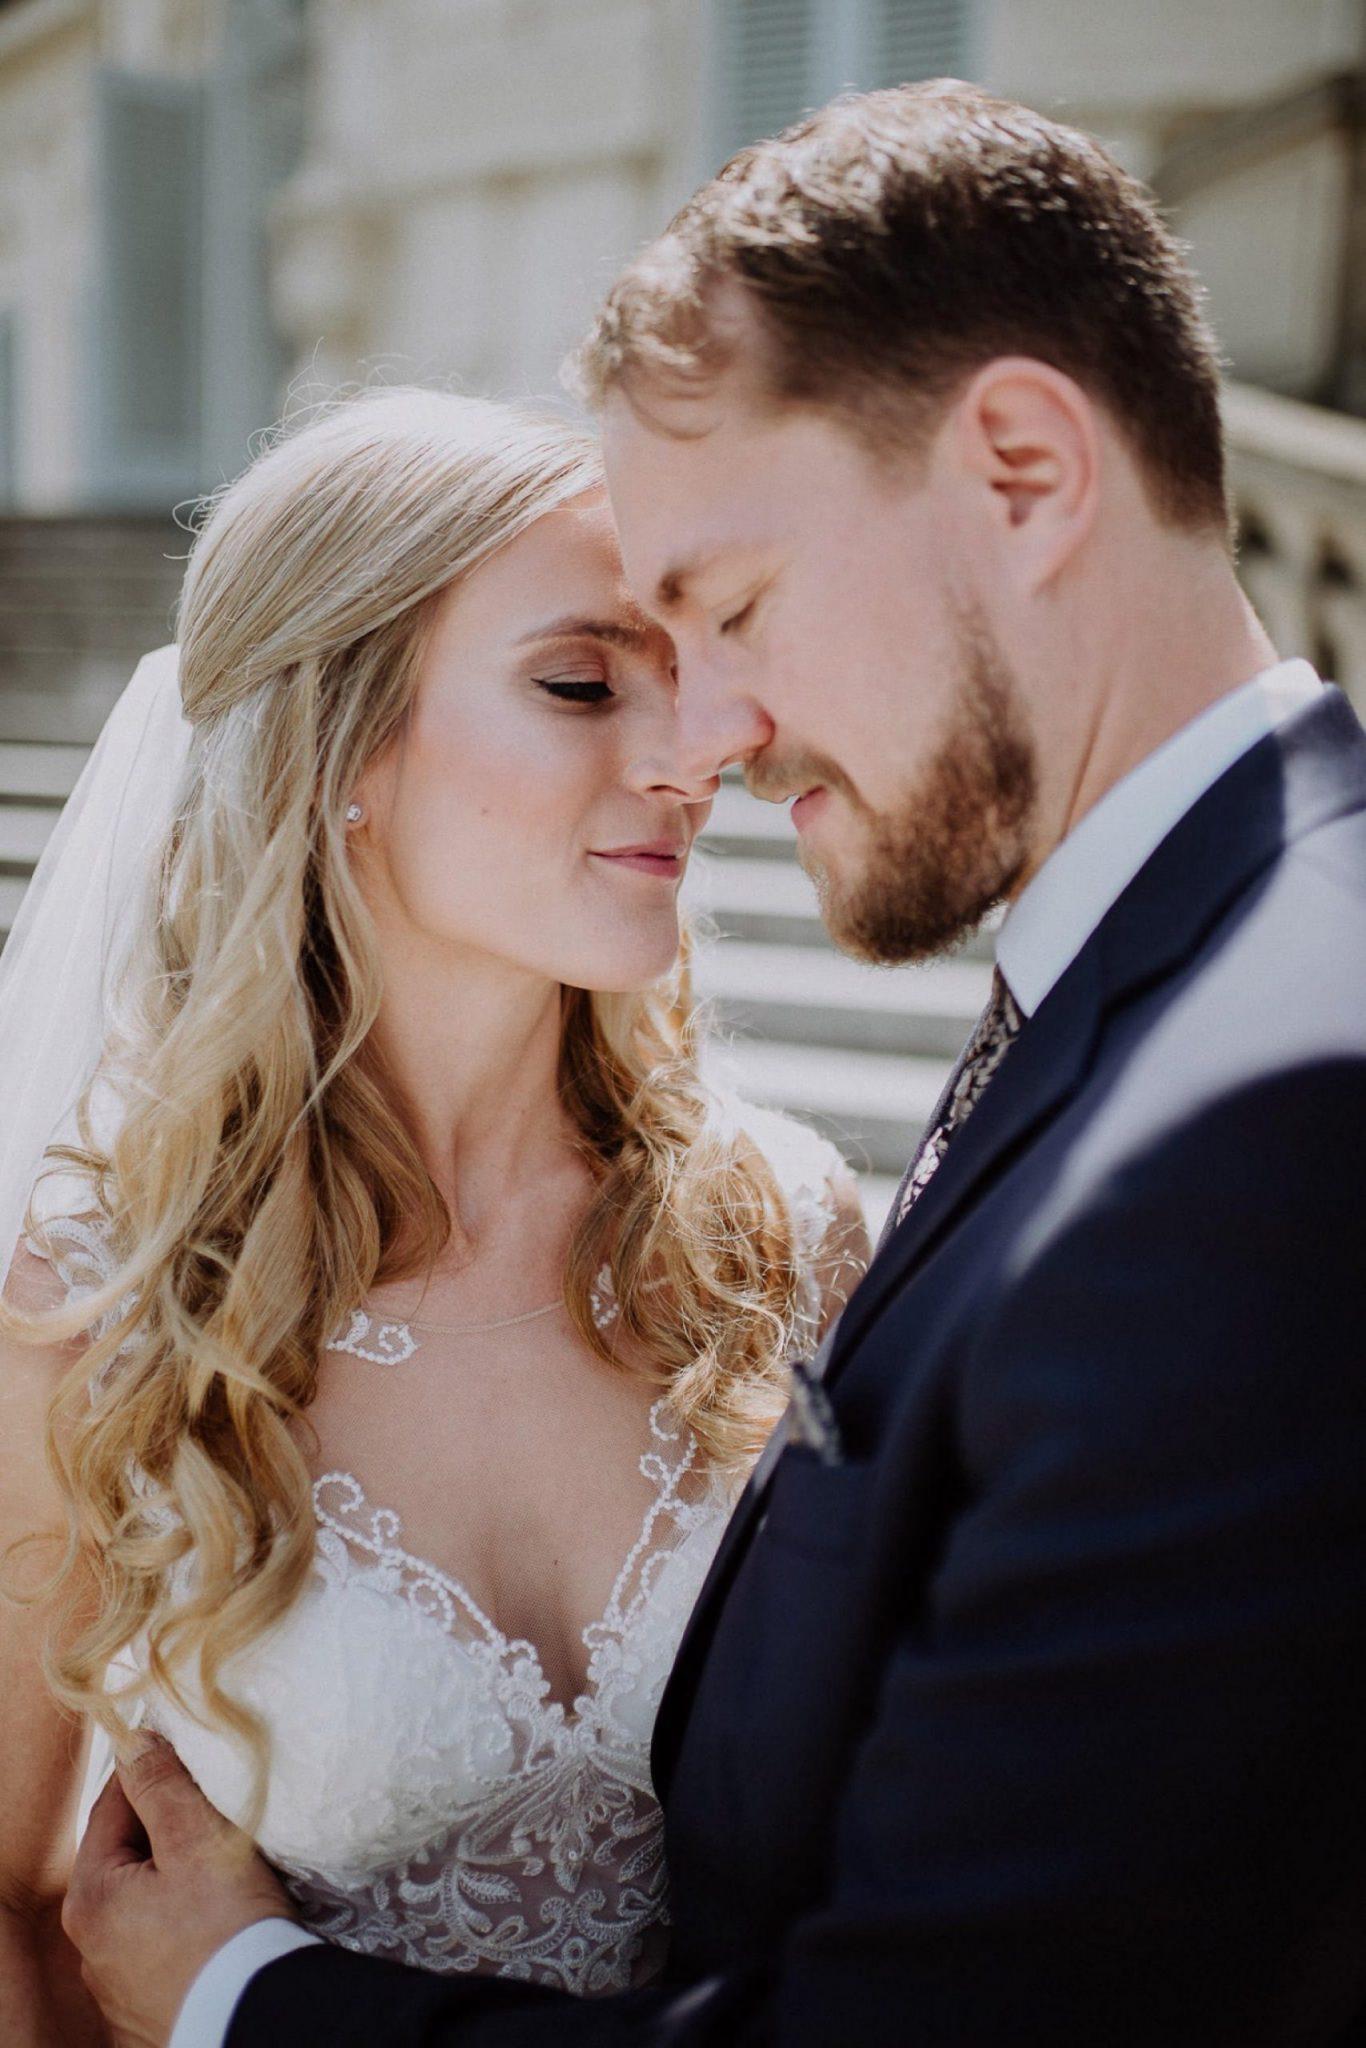 wedding photographer hamilton new zealand 1015 2 scaled